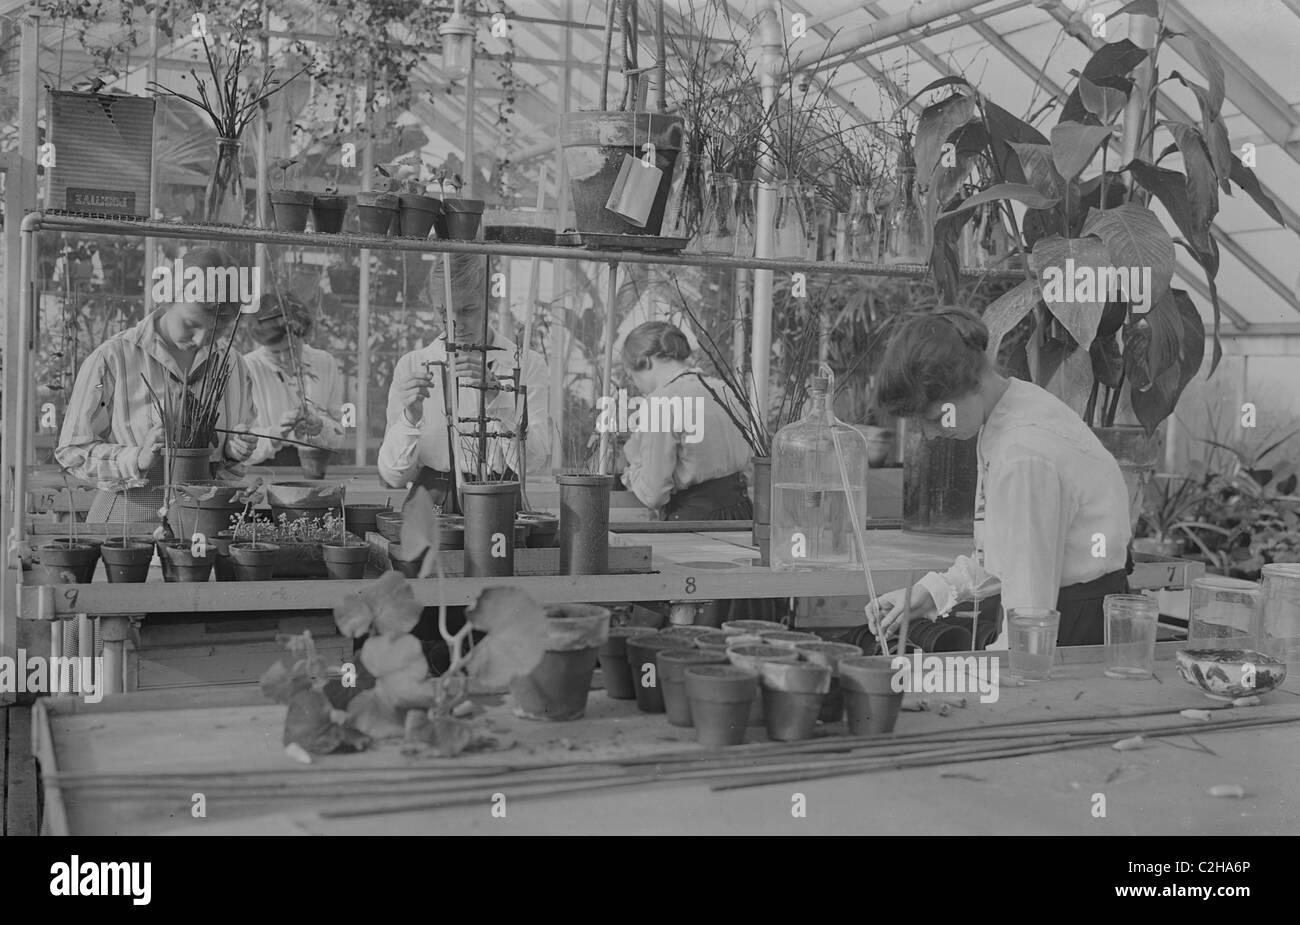 Botany class -- Barnard - Stock Image